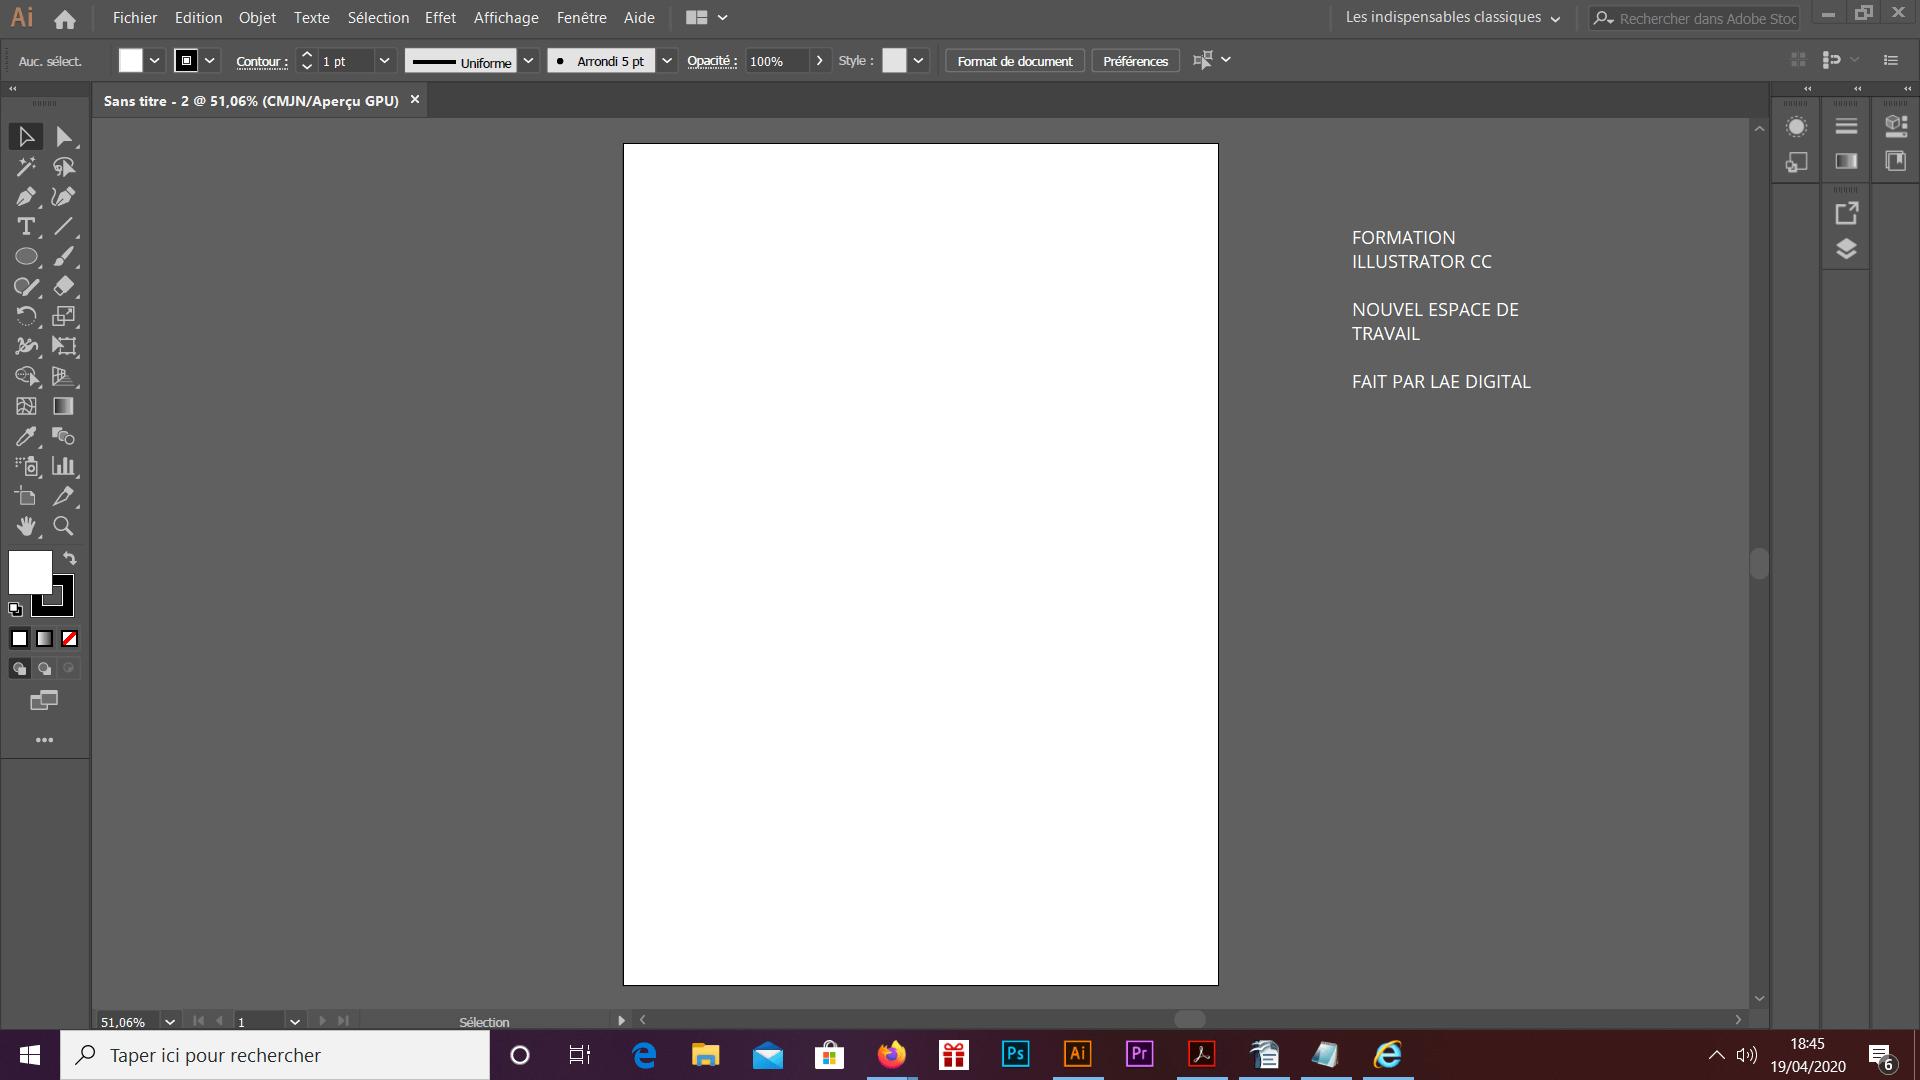 C'est une image avec un nouvel espace de travail vu en formation Illustrator cc faite par Lae Digital